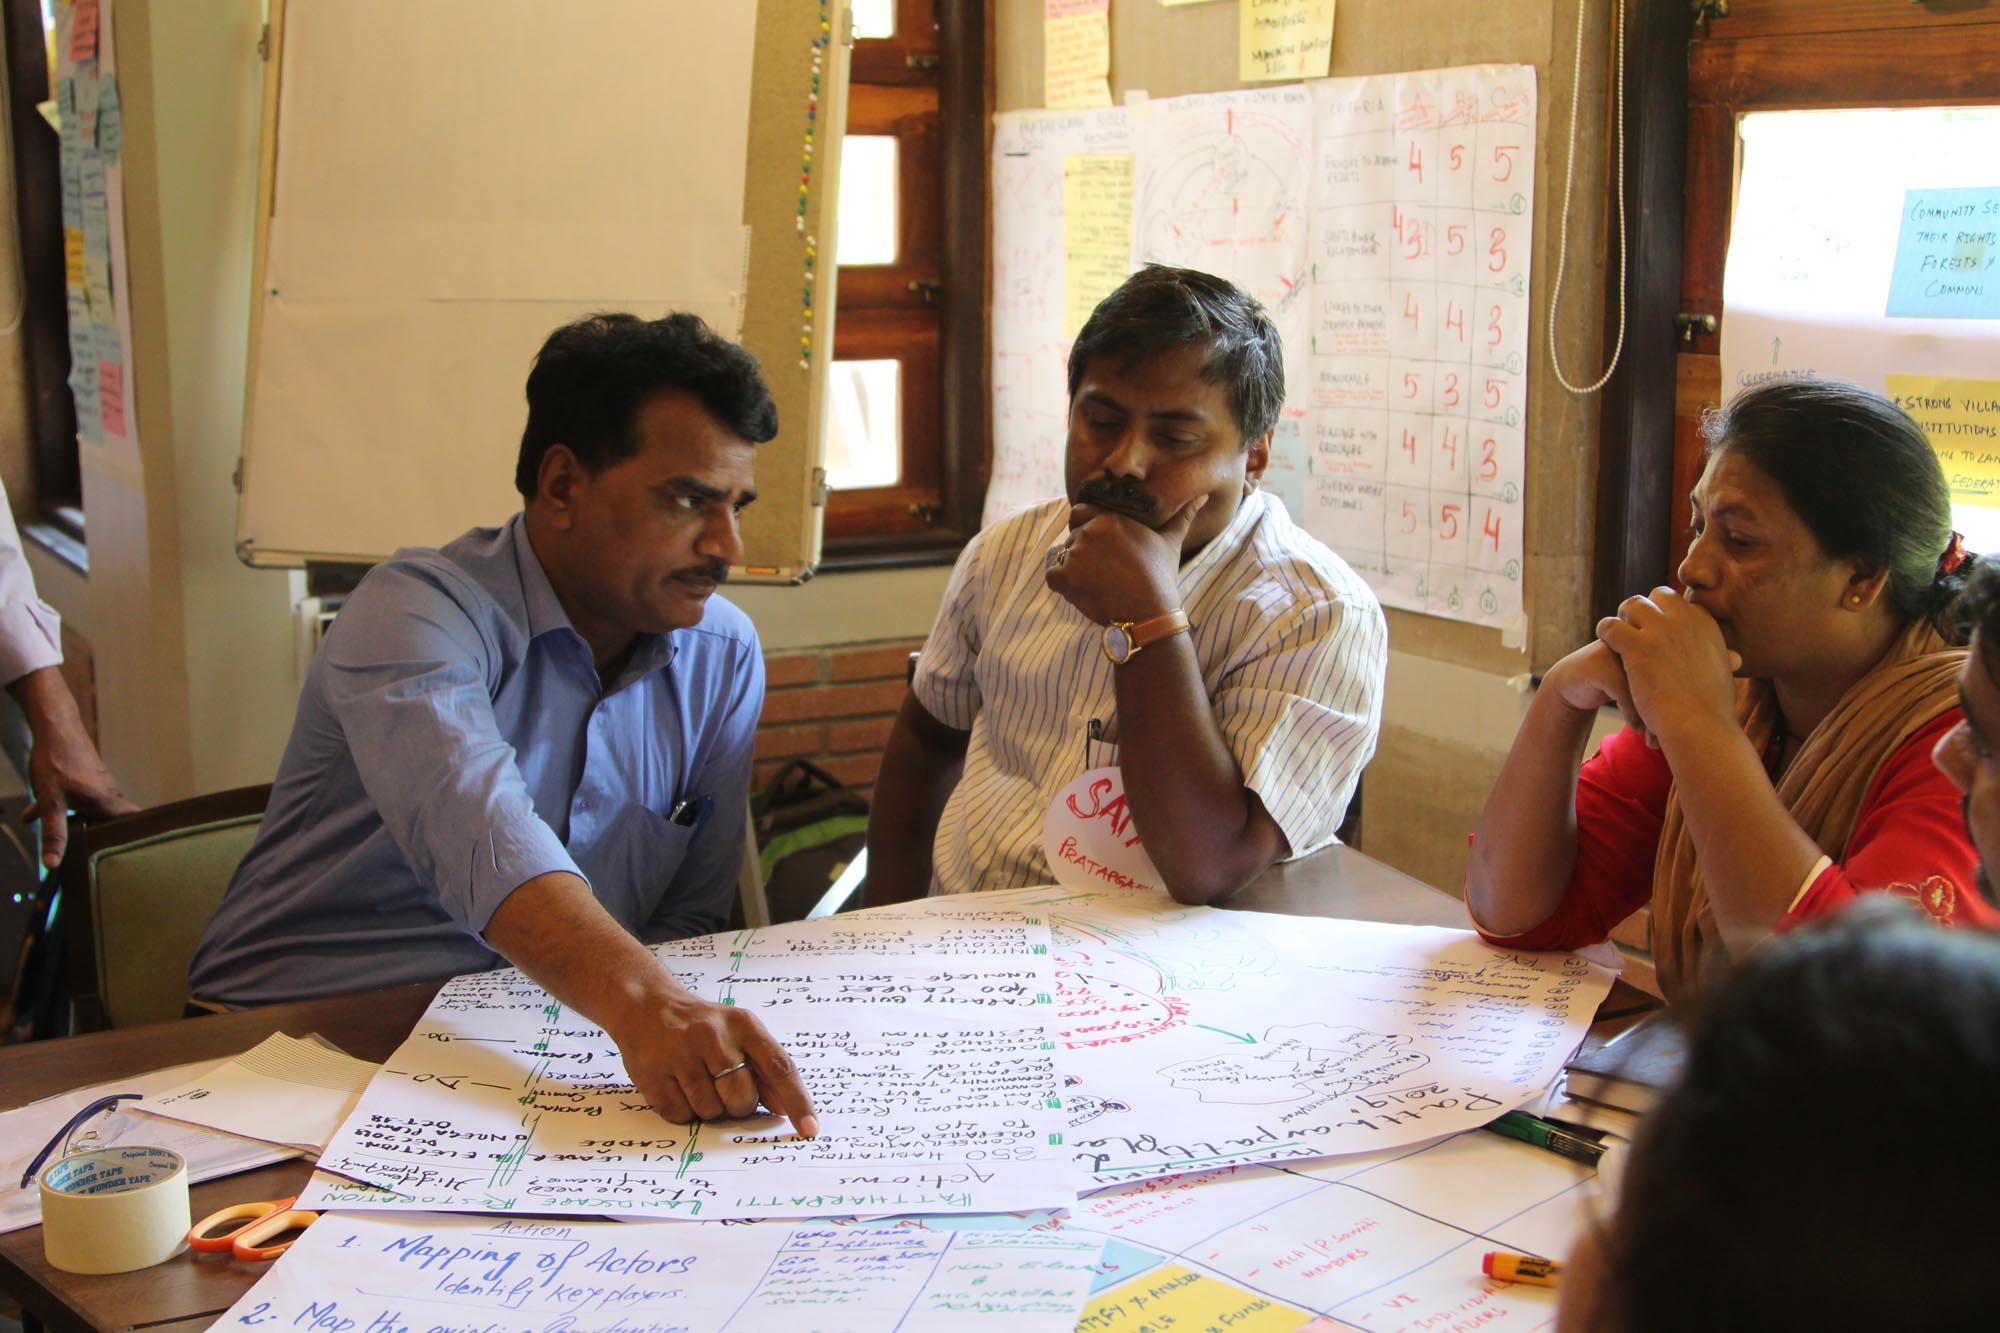 Debating options at a FES workshop, April 2018